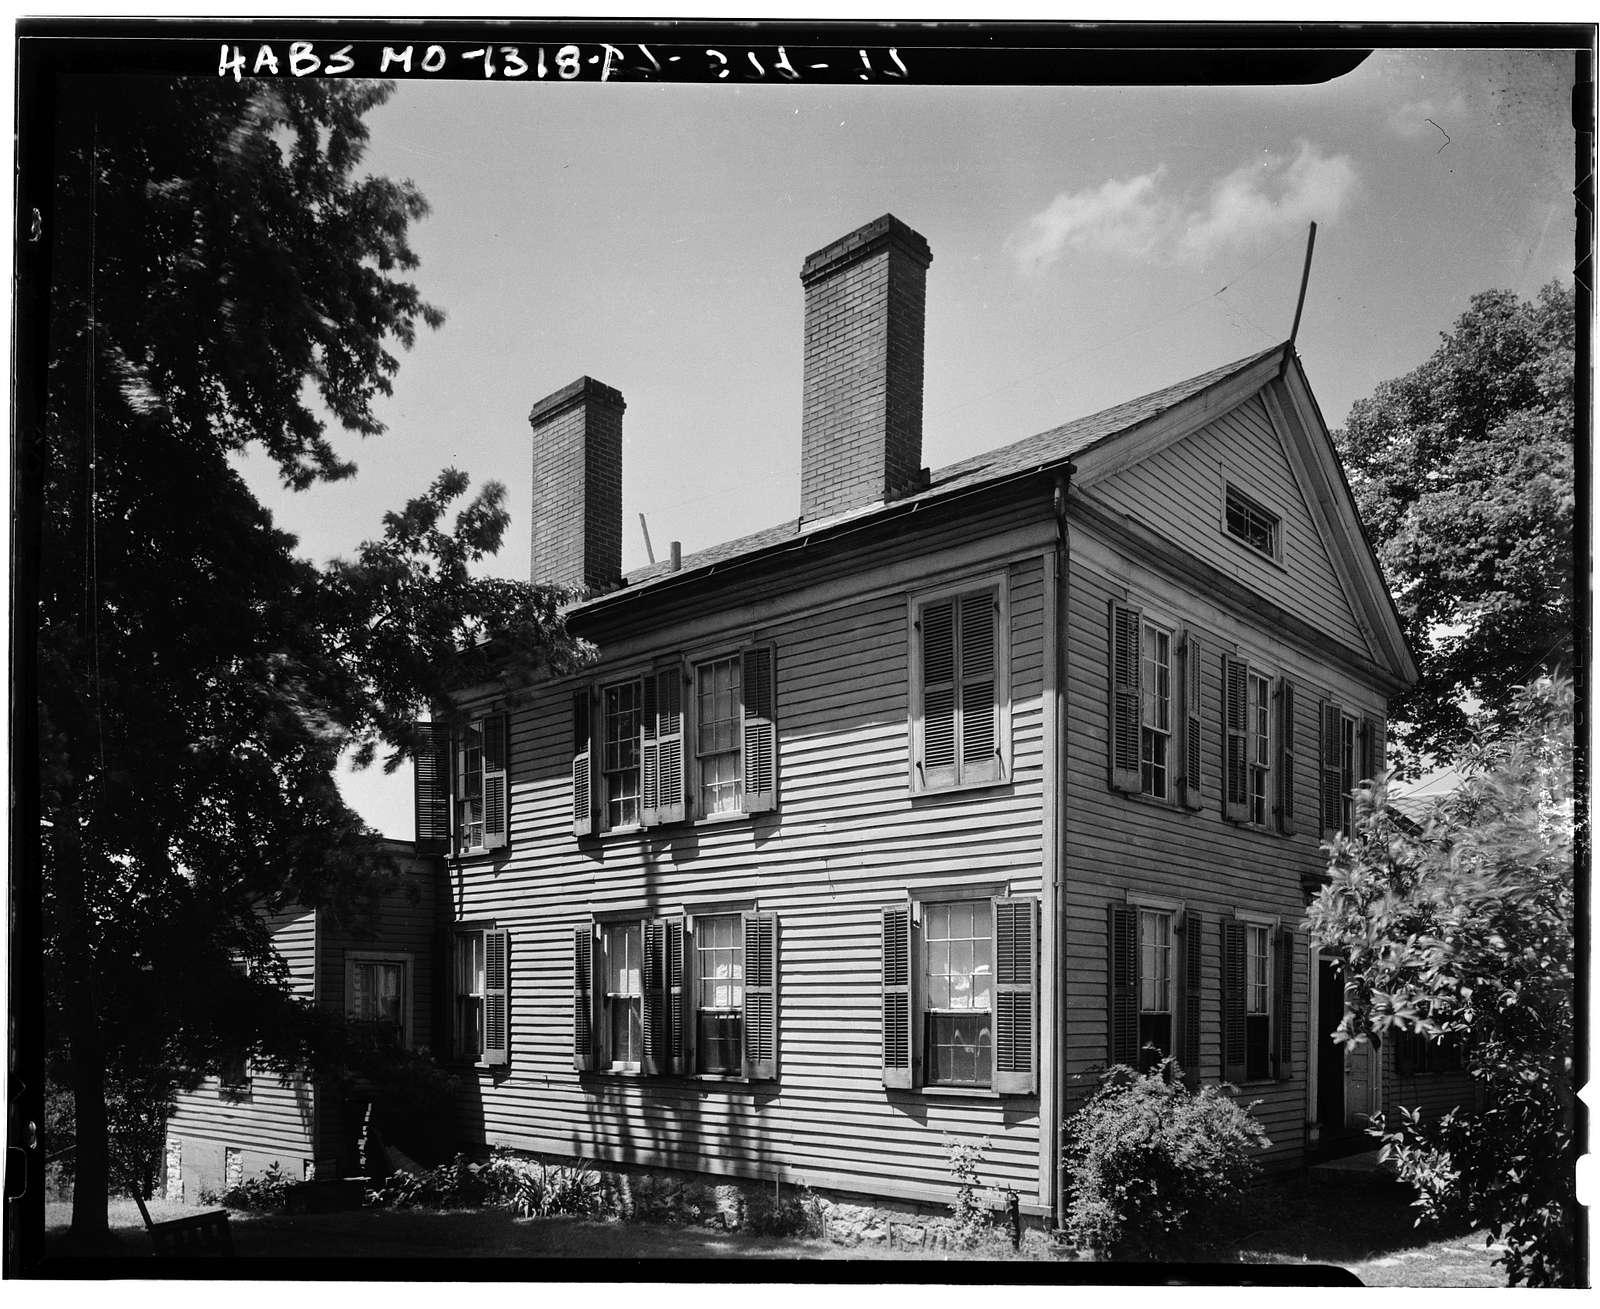 Frizel-Welling House, Jackson, Cape Girardeau County, MO